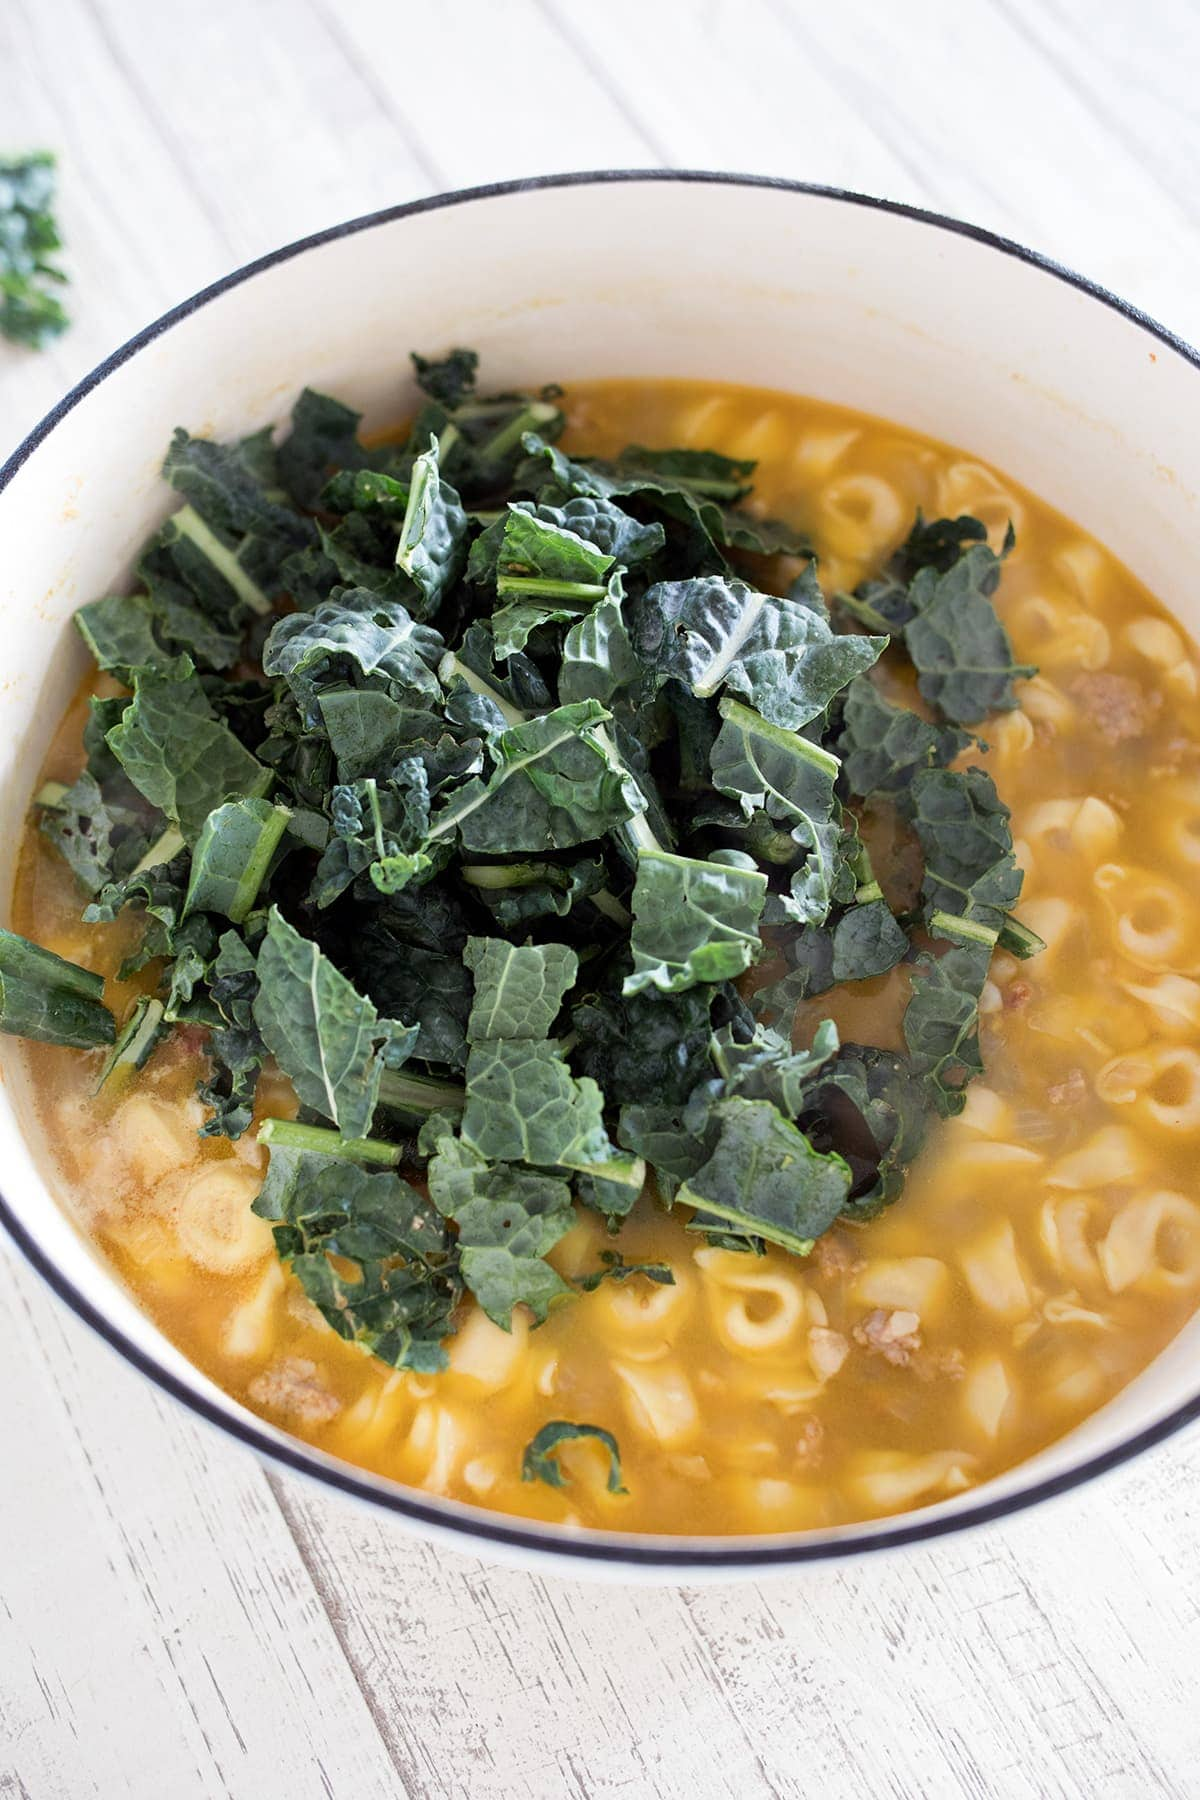 Tortellini Zuppa Toscana Soup Recipe